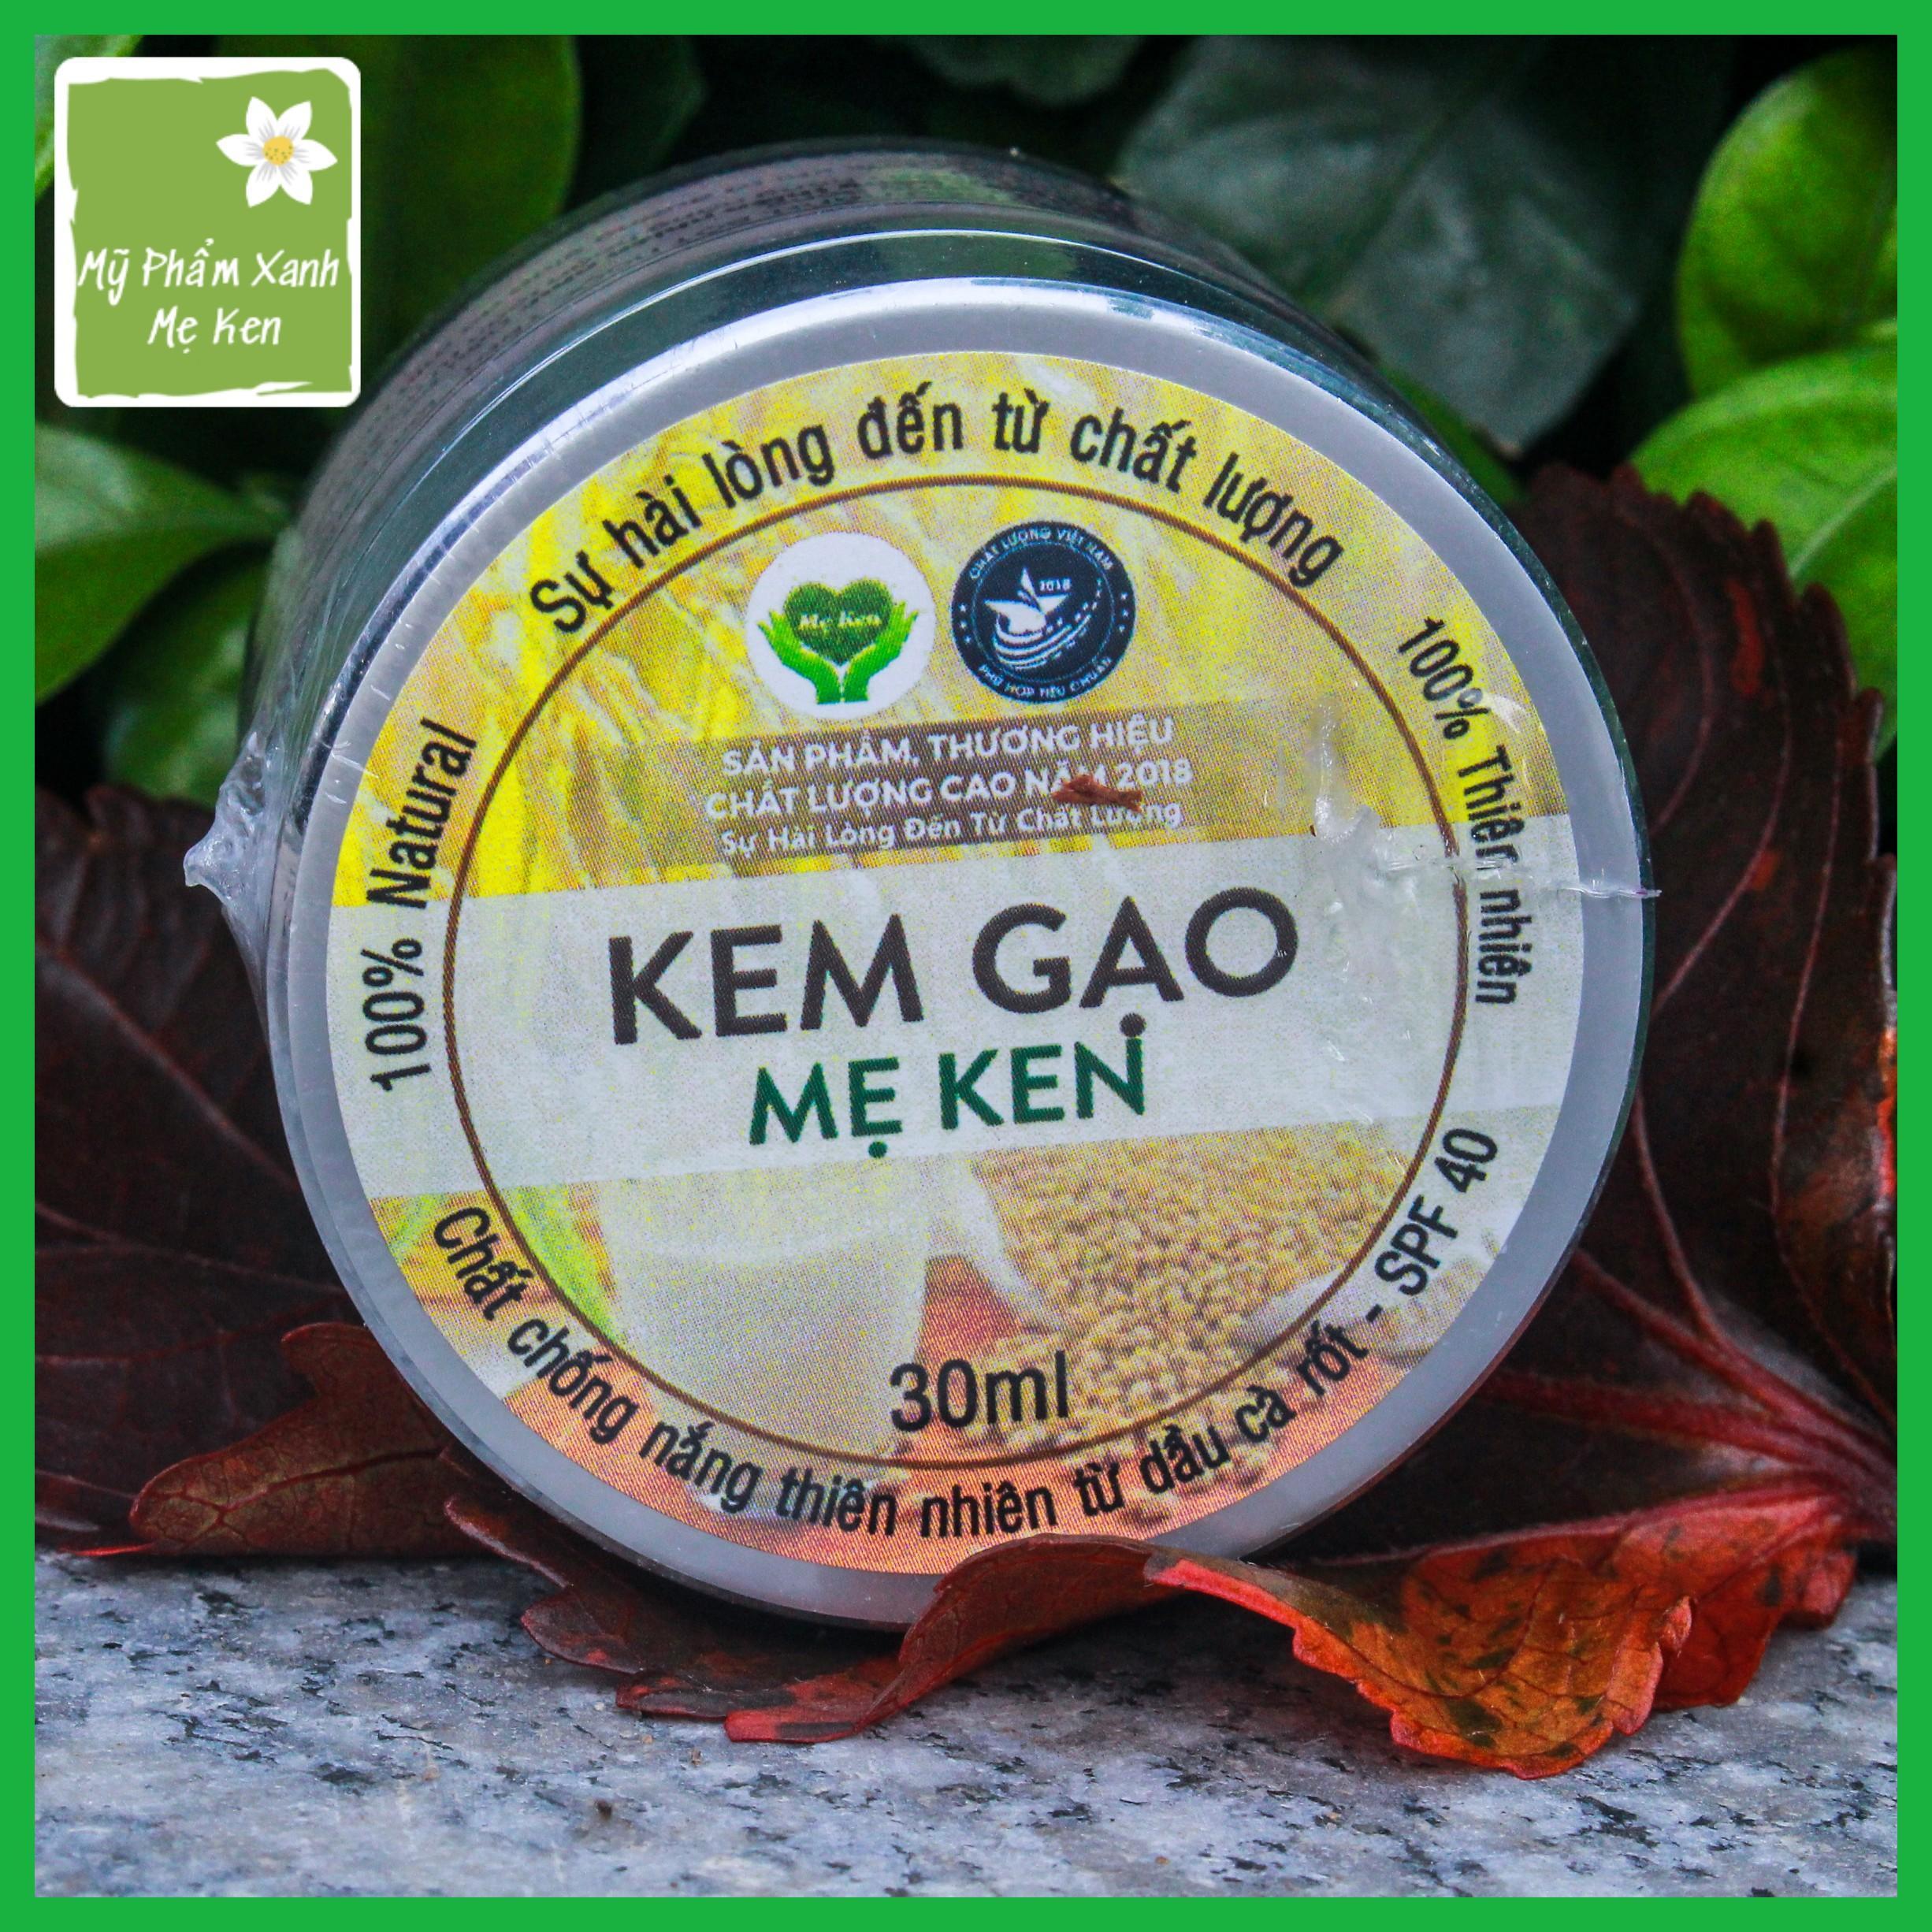 Kem gạo Mẹ Ken Làm kem nền  trang điểm, kem chống nắng chỉ số SPF 40, dưỡng trắng da, giúp che khuyết điểm nhẹ, chống lão hóa da – 30ml